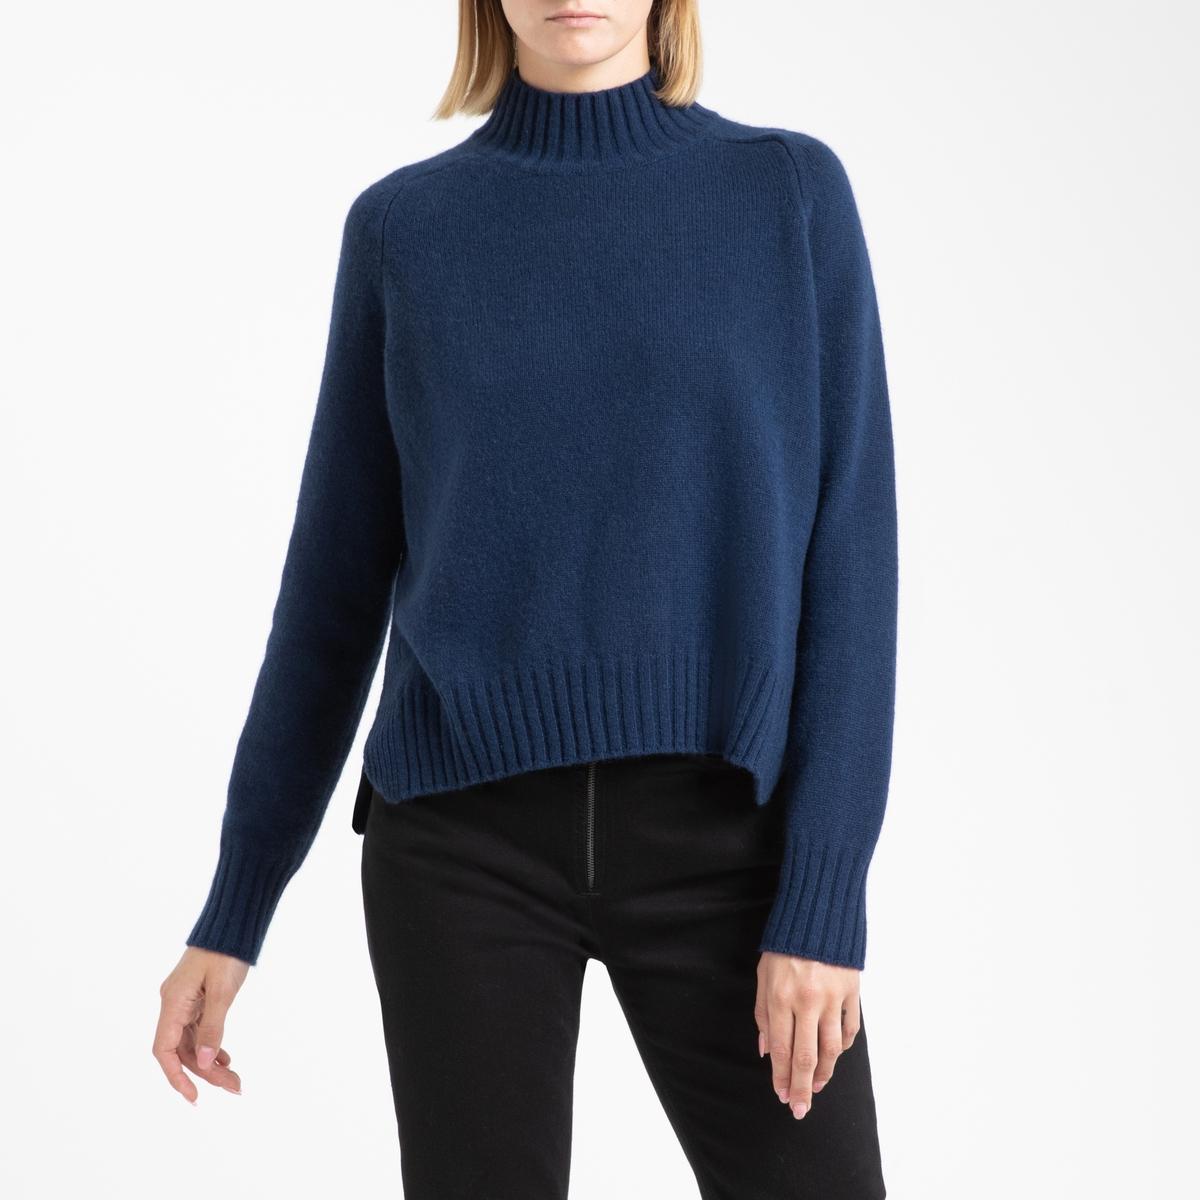 цена на Пуловер La Redoute Кашемировый с воротником-стойка из тонкого трикотажа LEONIE 3(L) синий